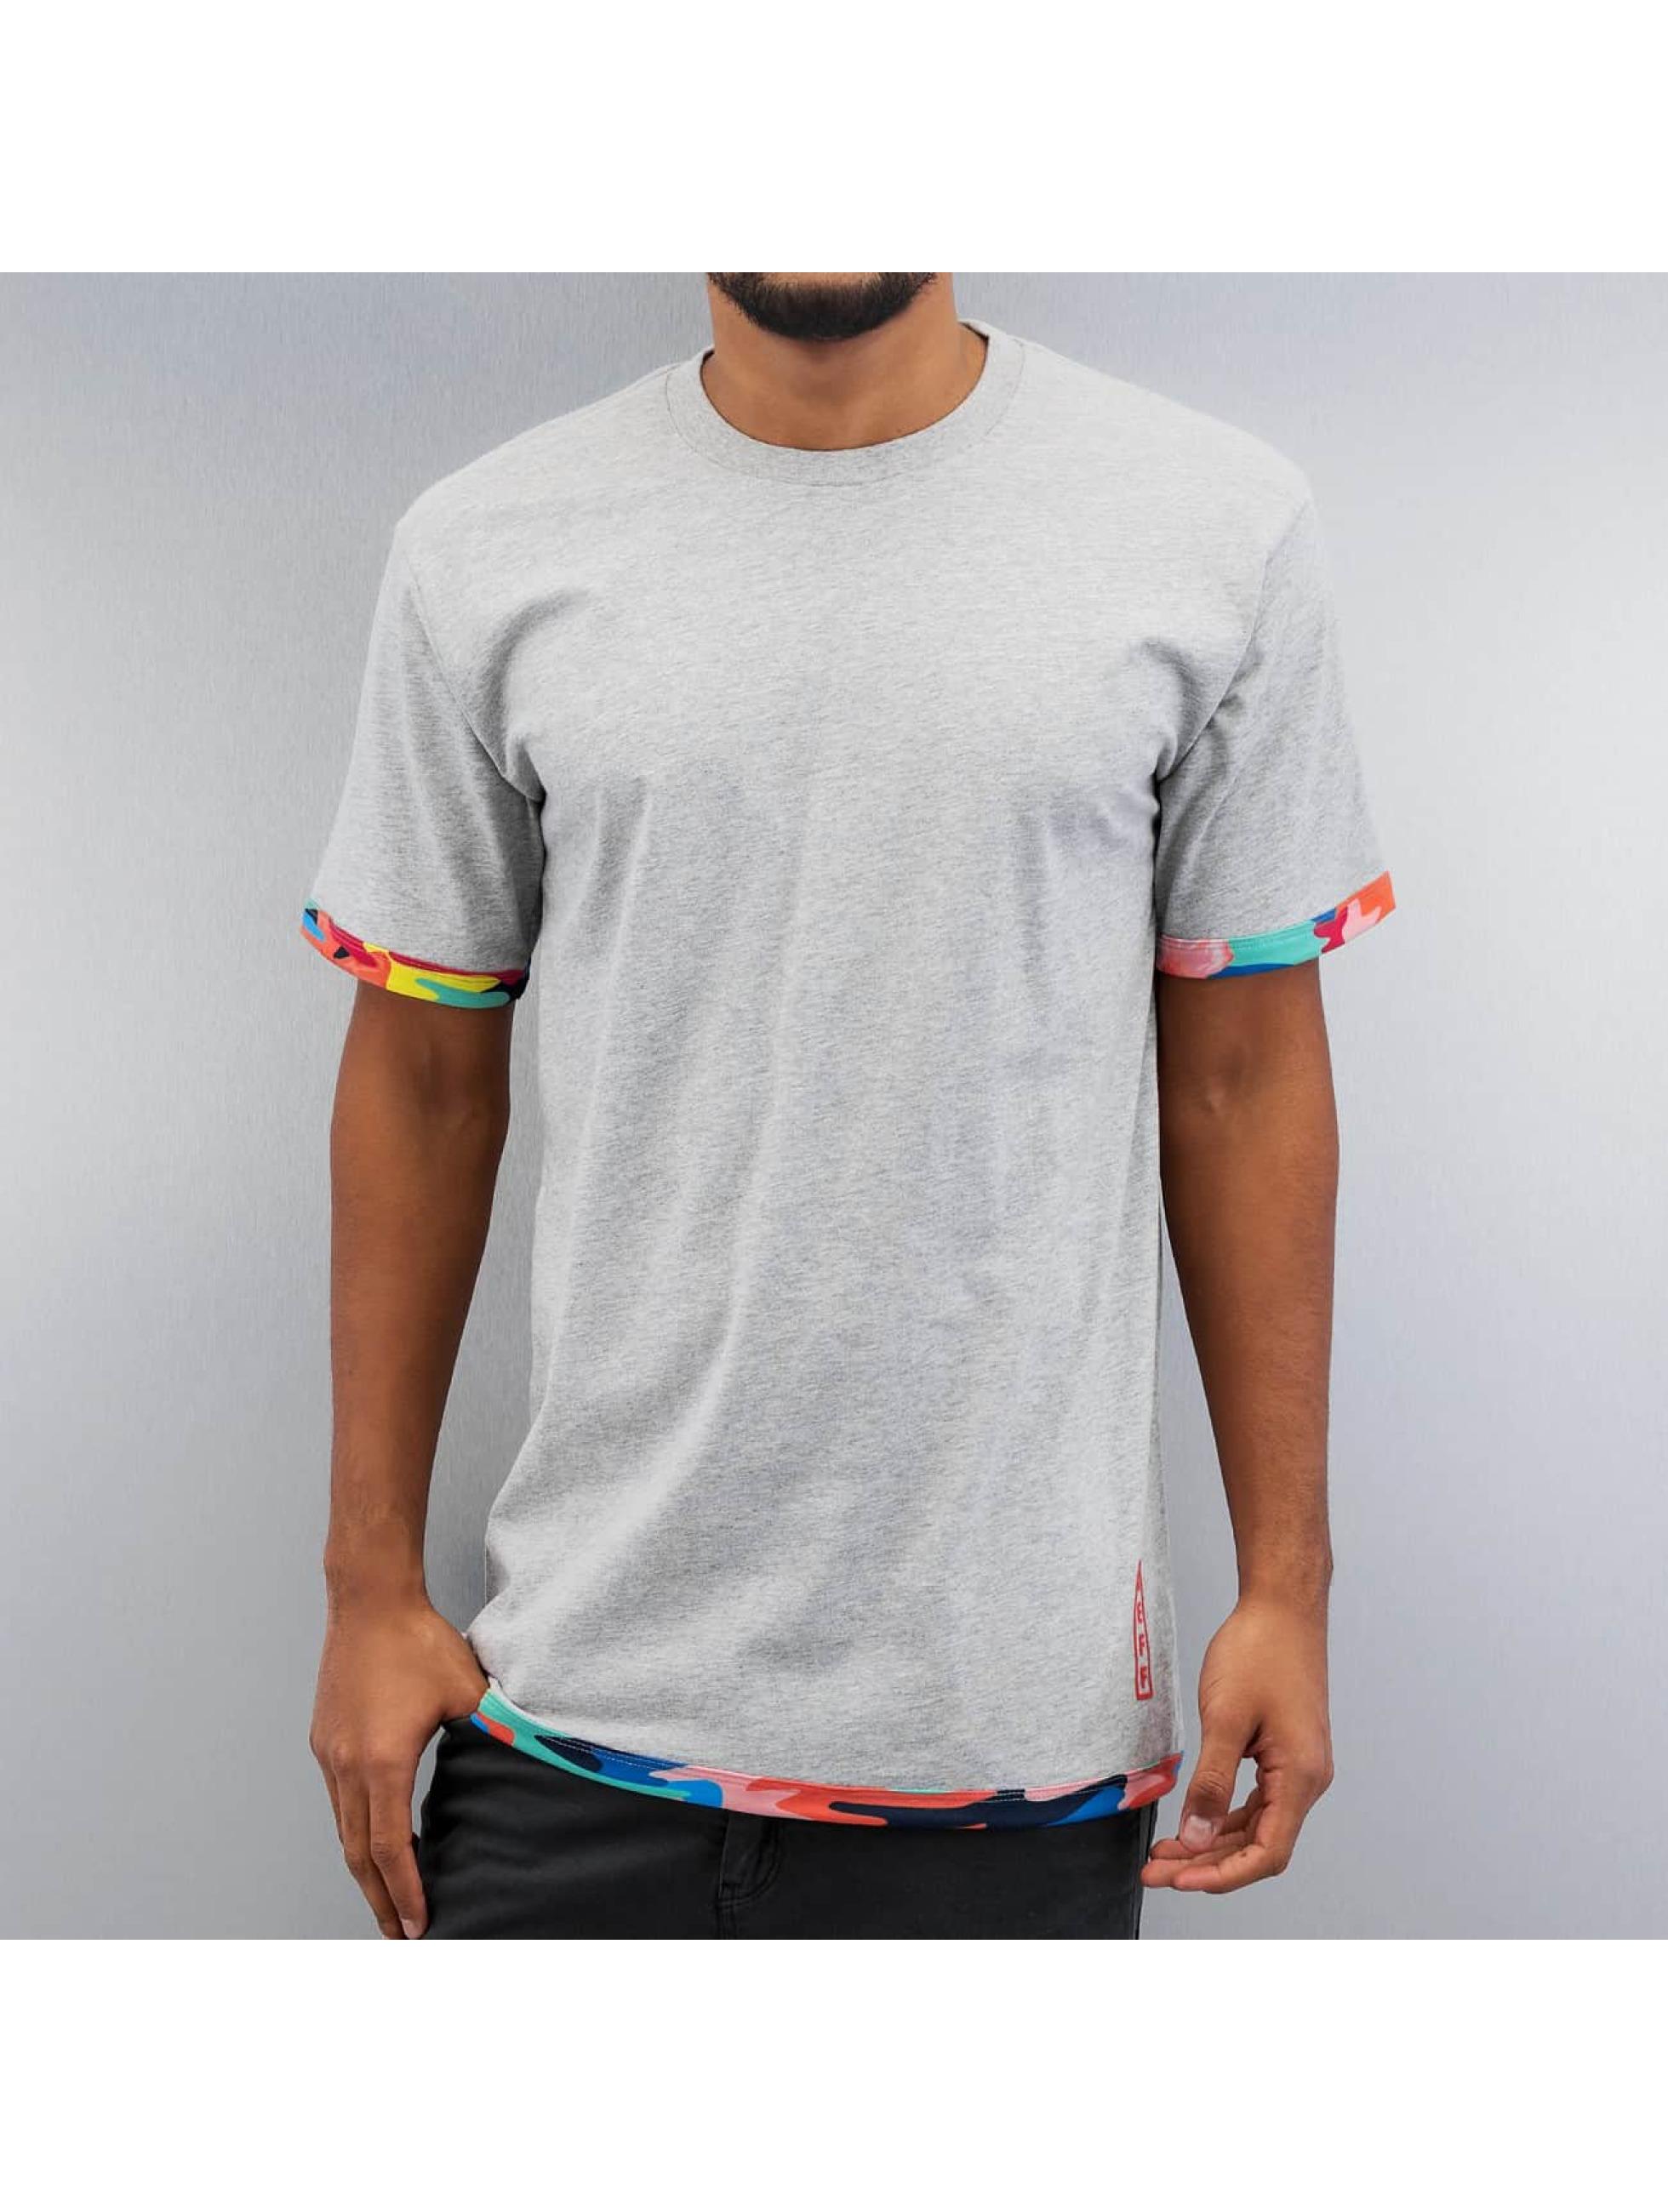 NEFF t-shirt Grossman grijs